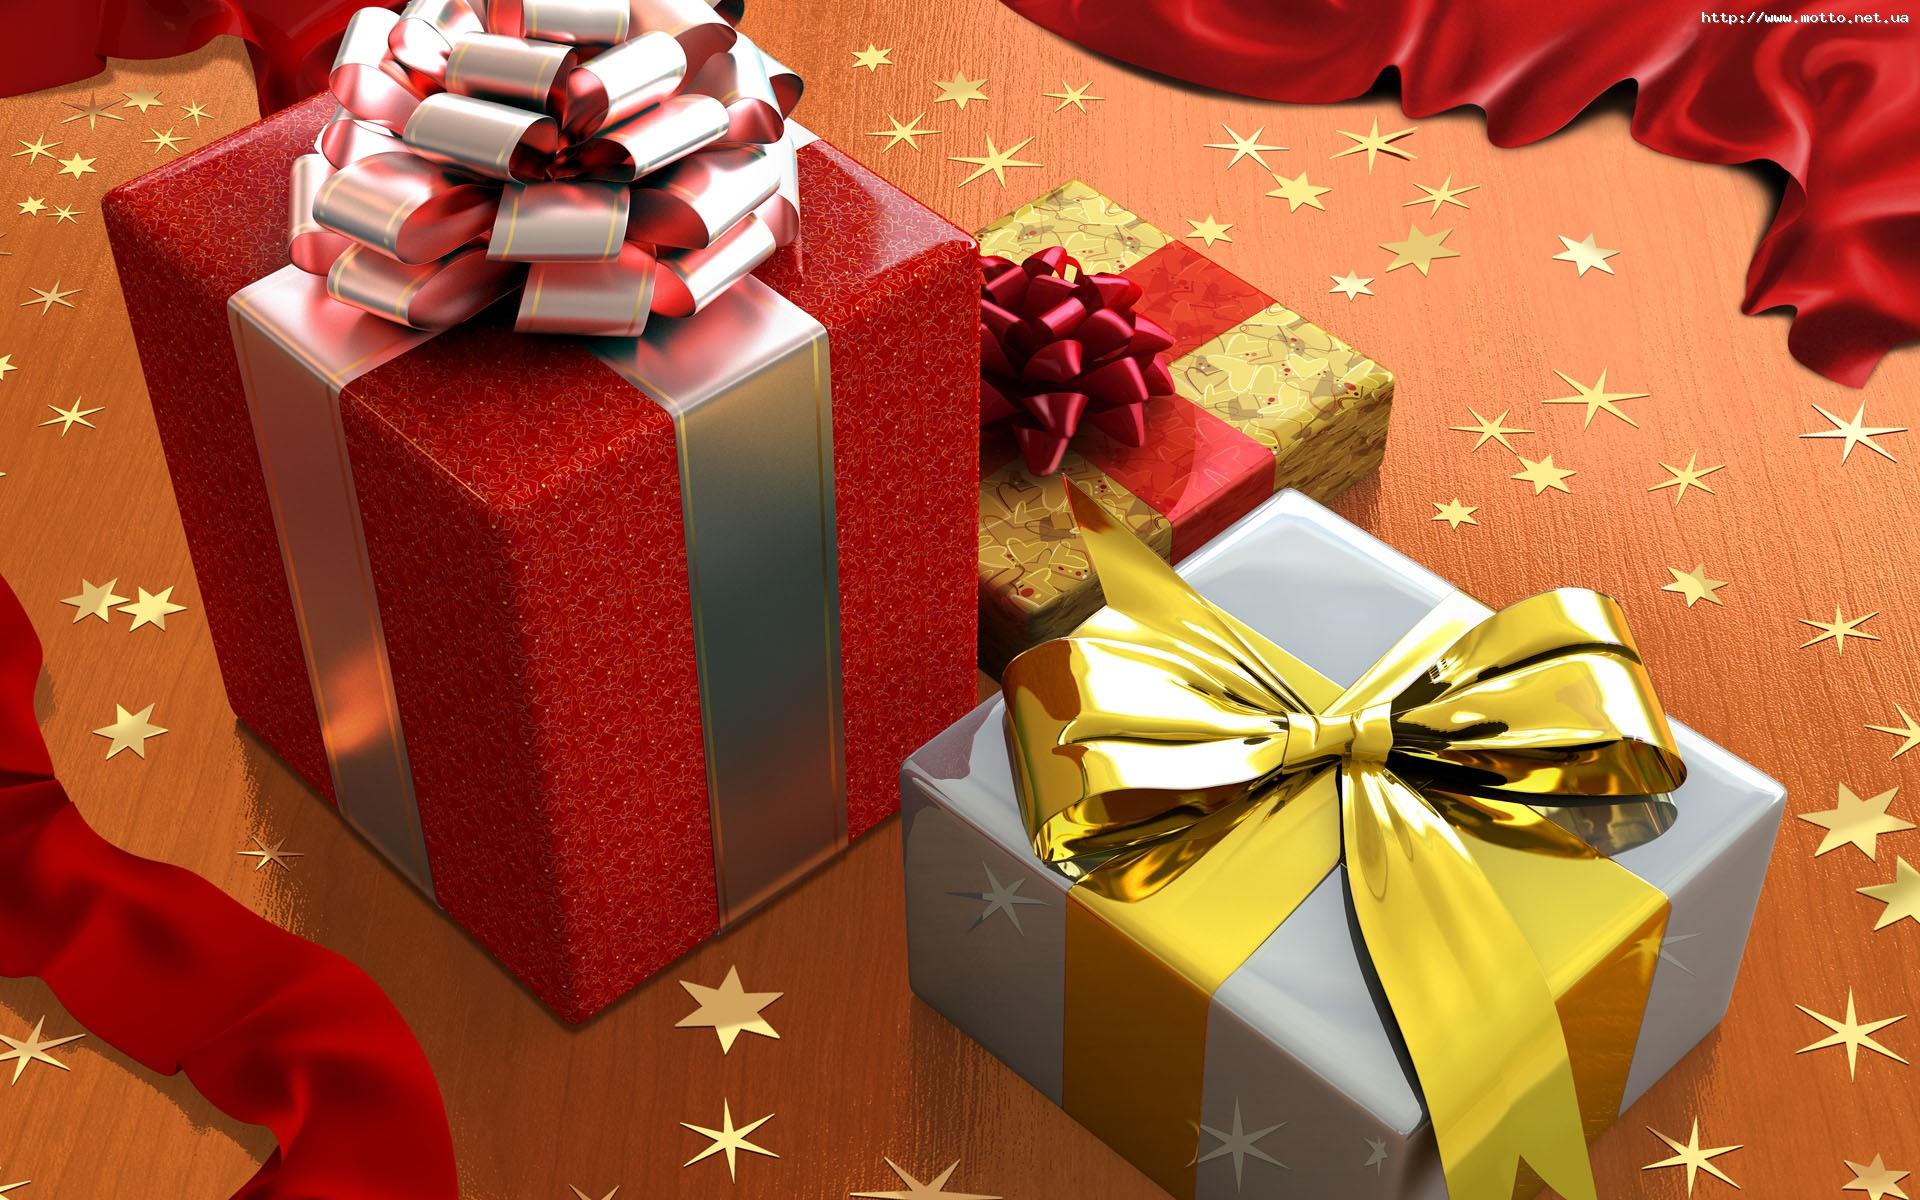 Открытка с подарком к дню рождения, открытки